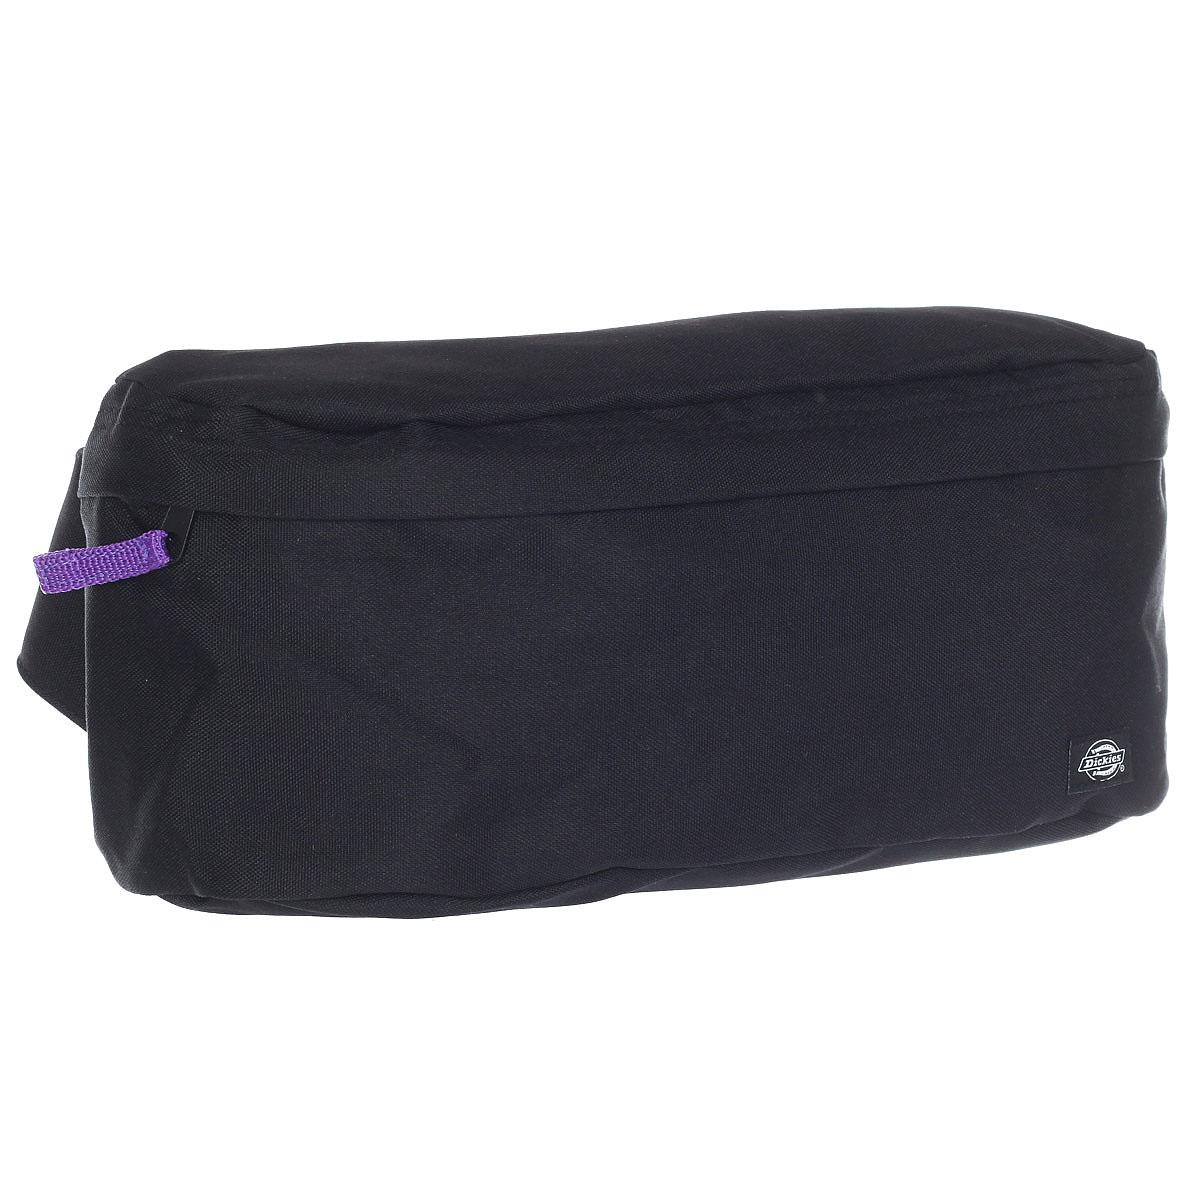 94ada4f59b0e Купить сумку поясная Dickies Martinsville Black в интернет-магазине ...